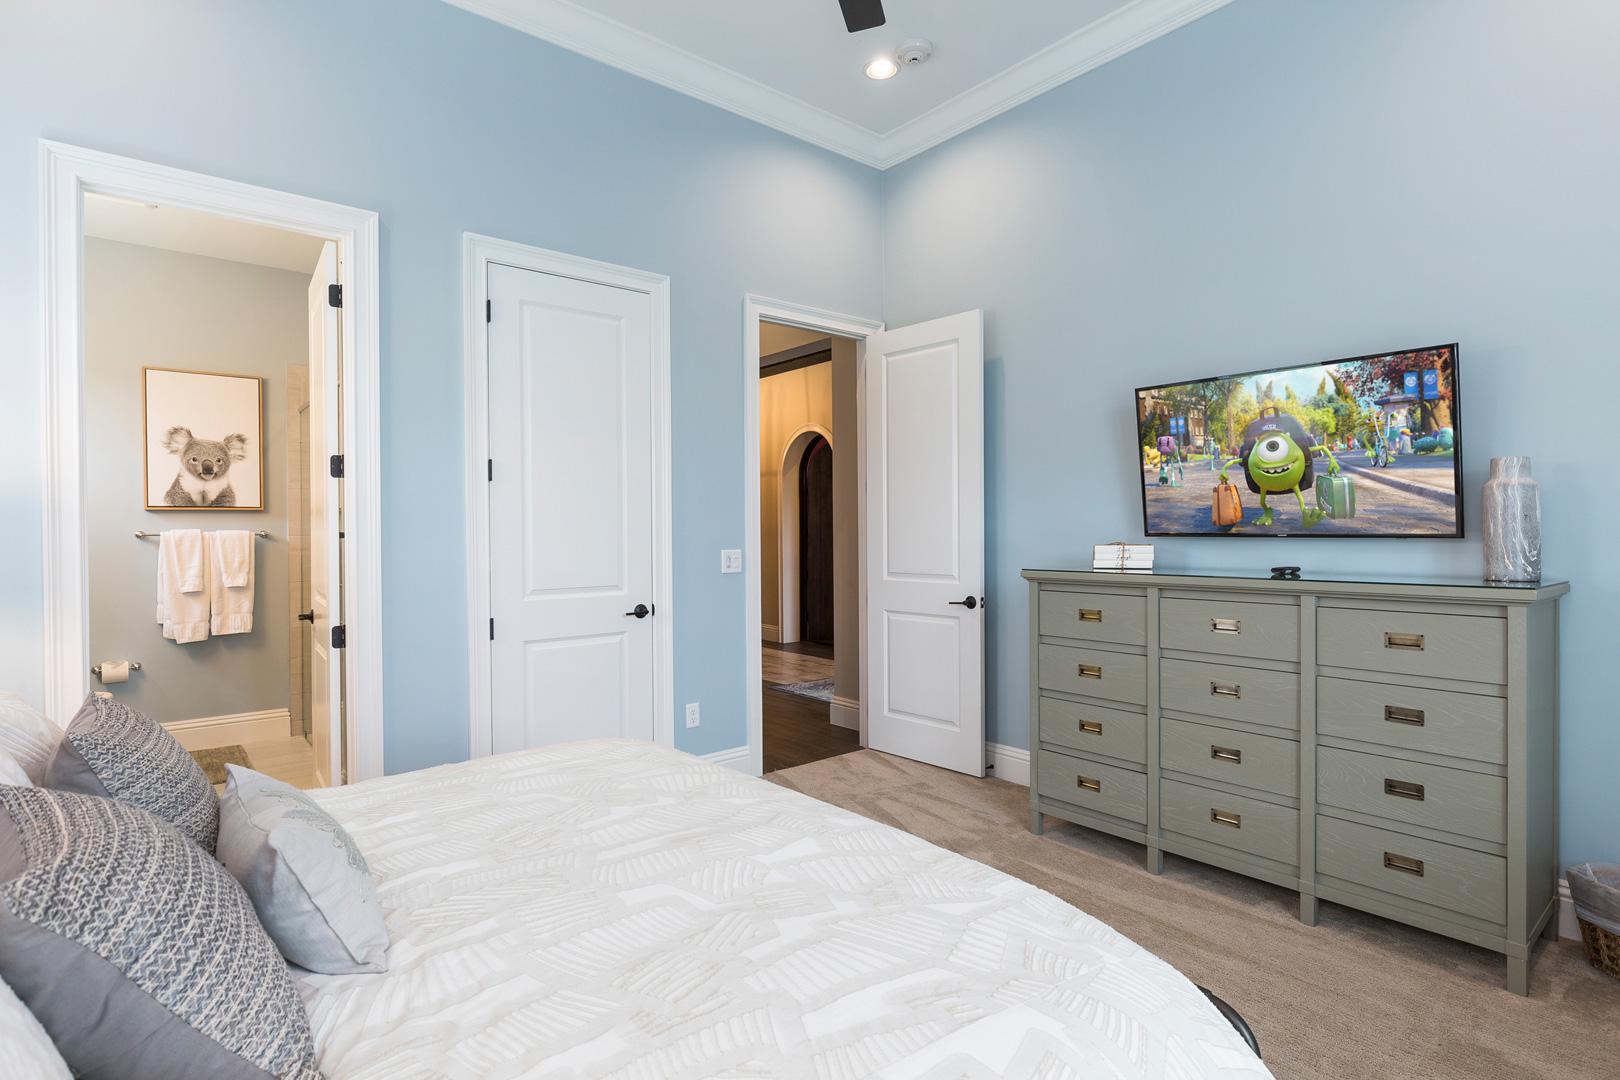 Bedrooms79